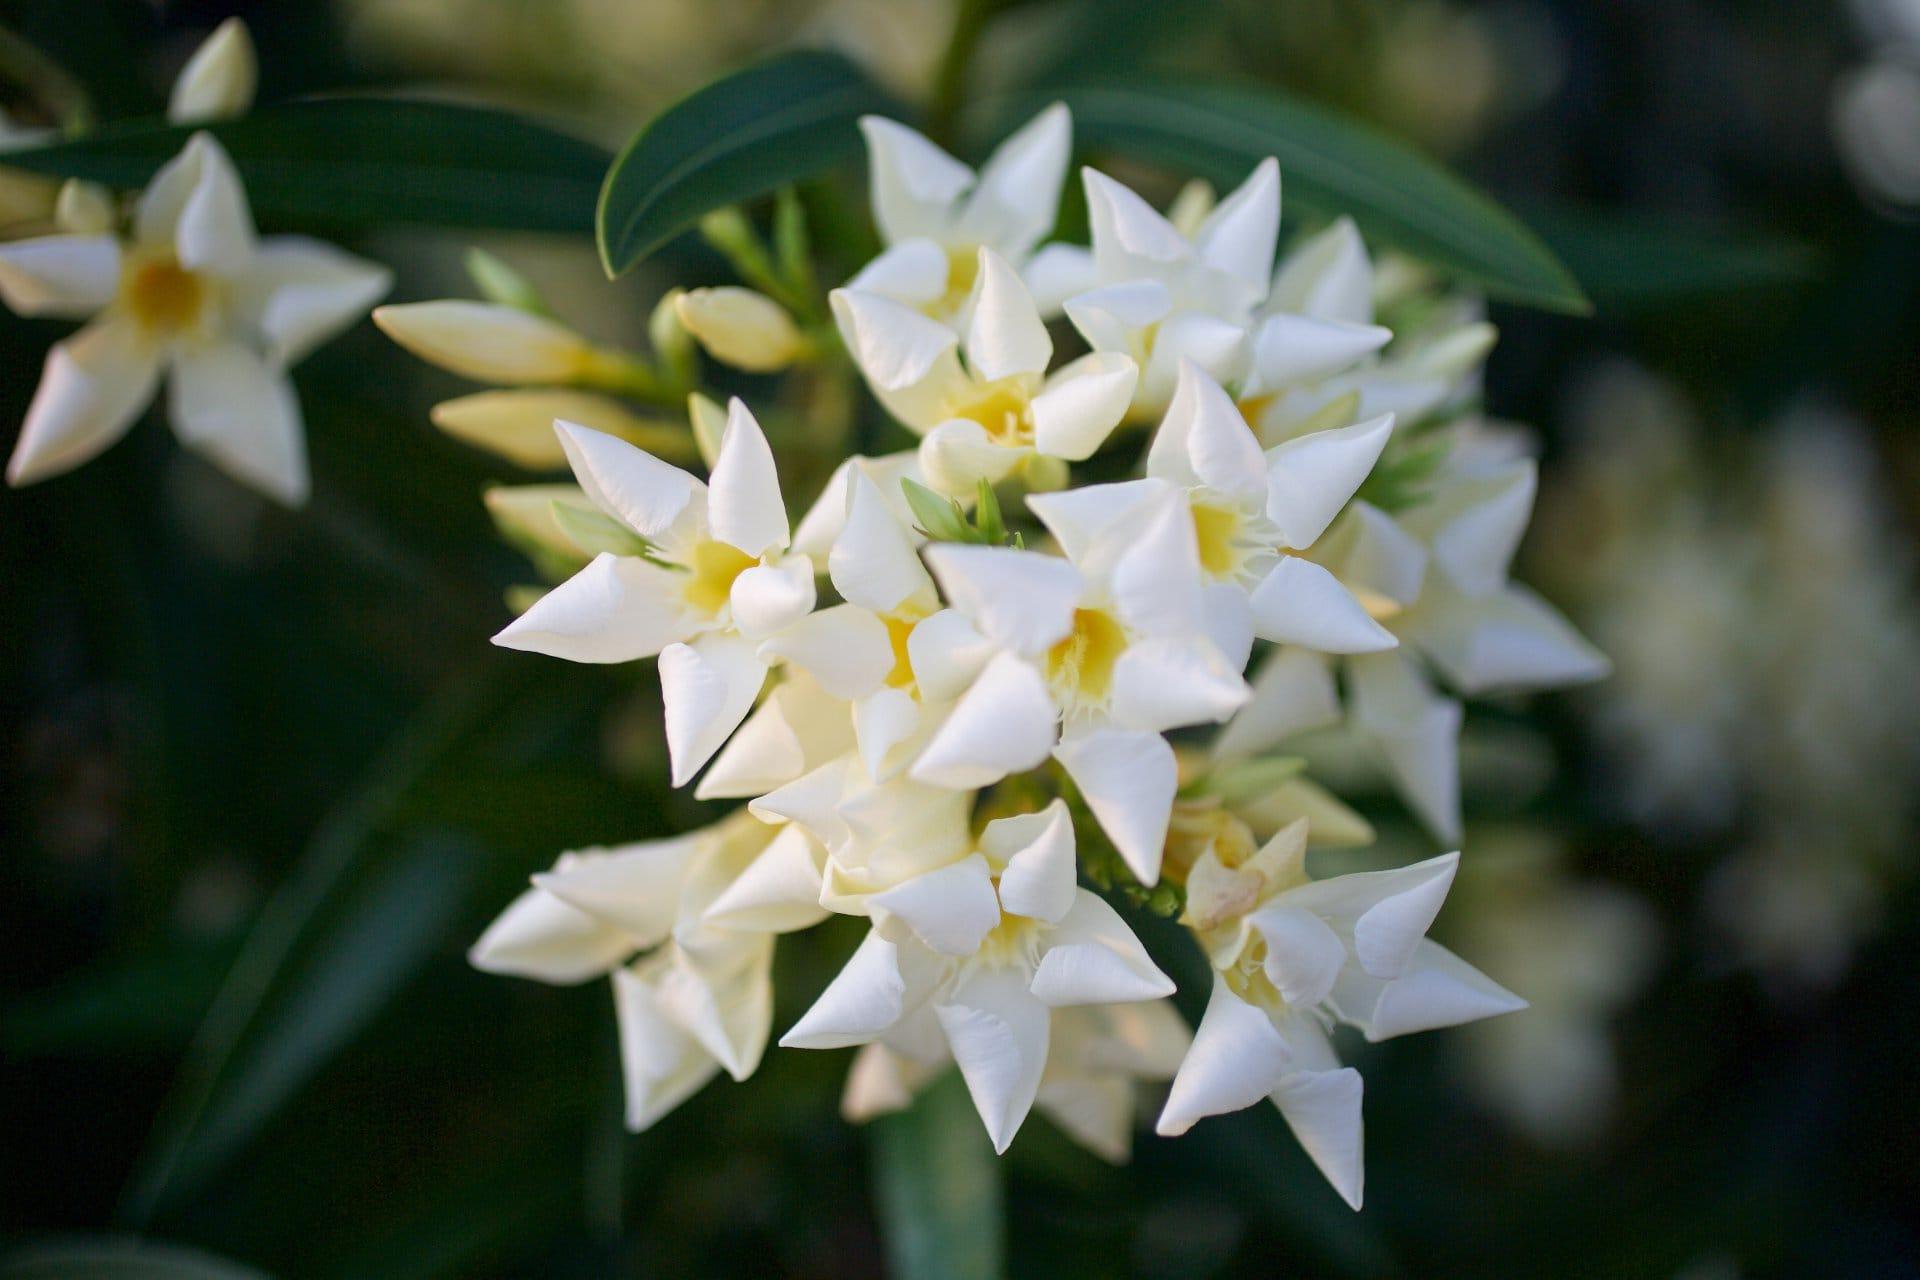 2015 06 07 flowervariety 5